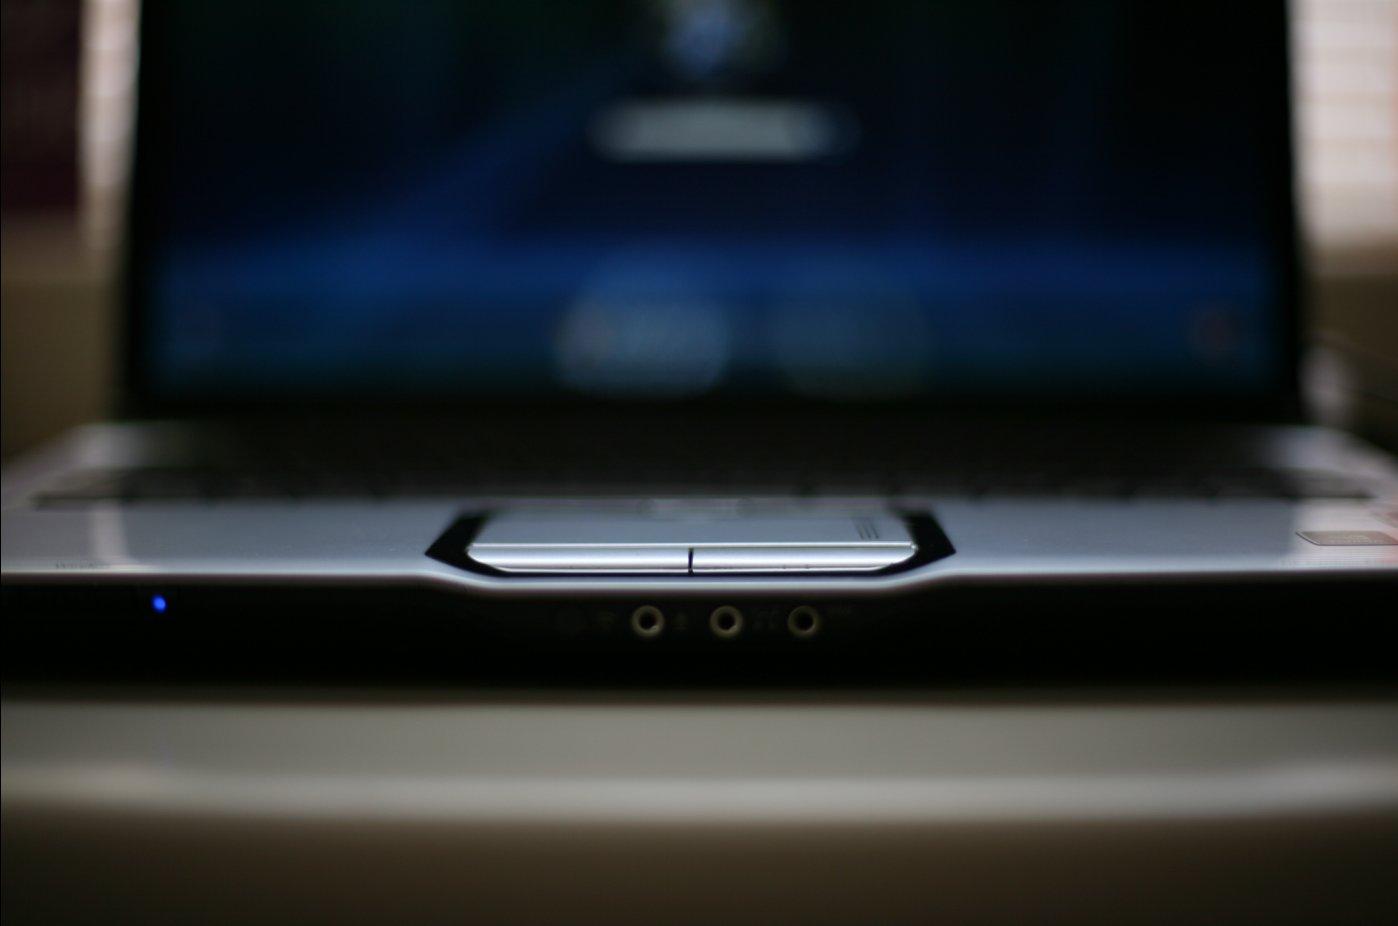 Object - Laptop